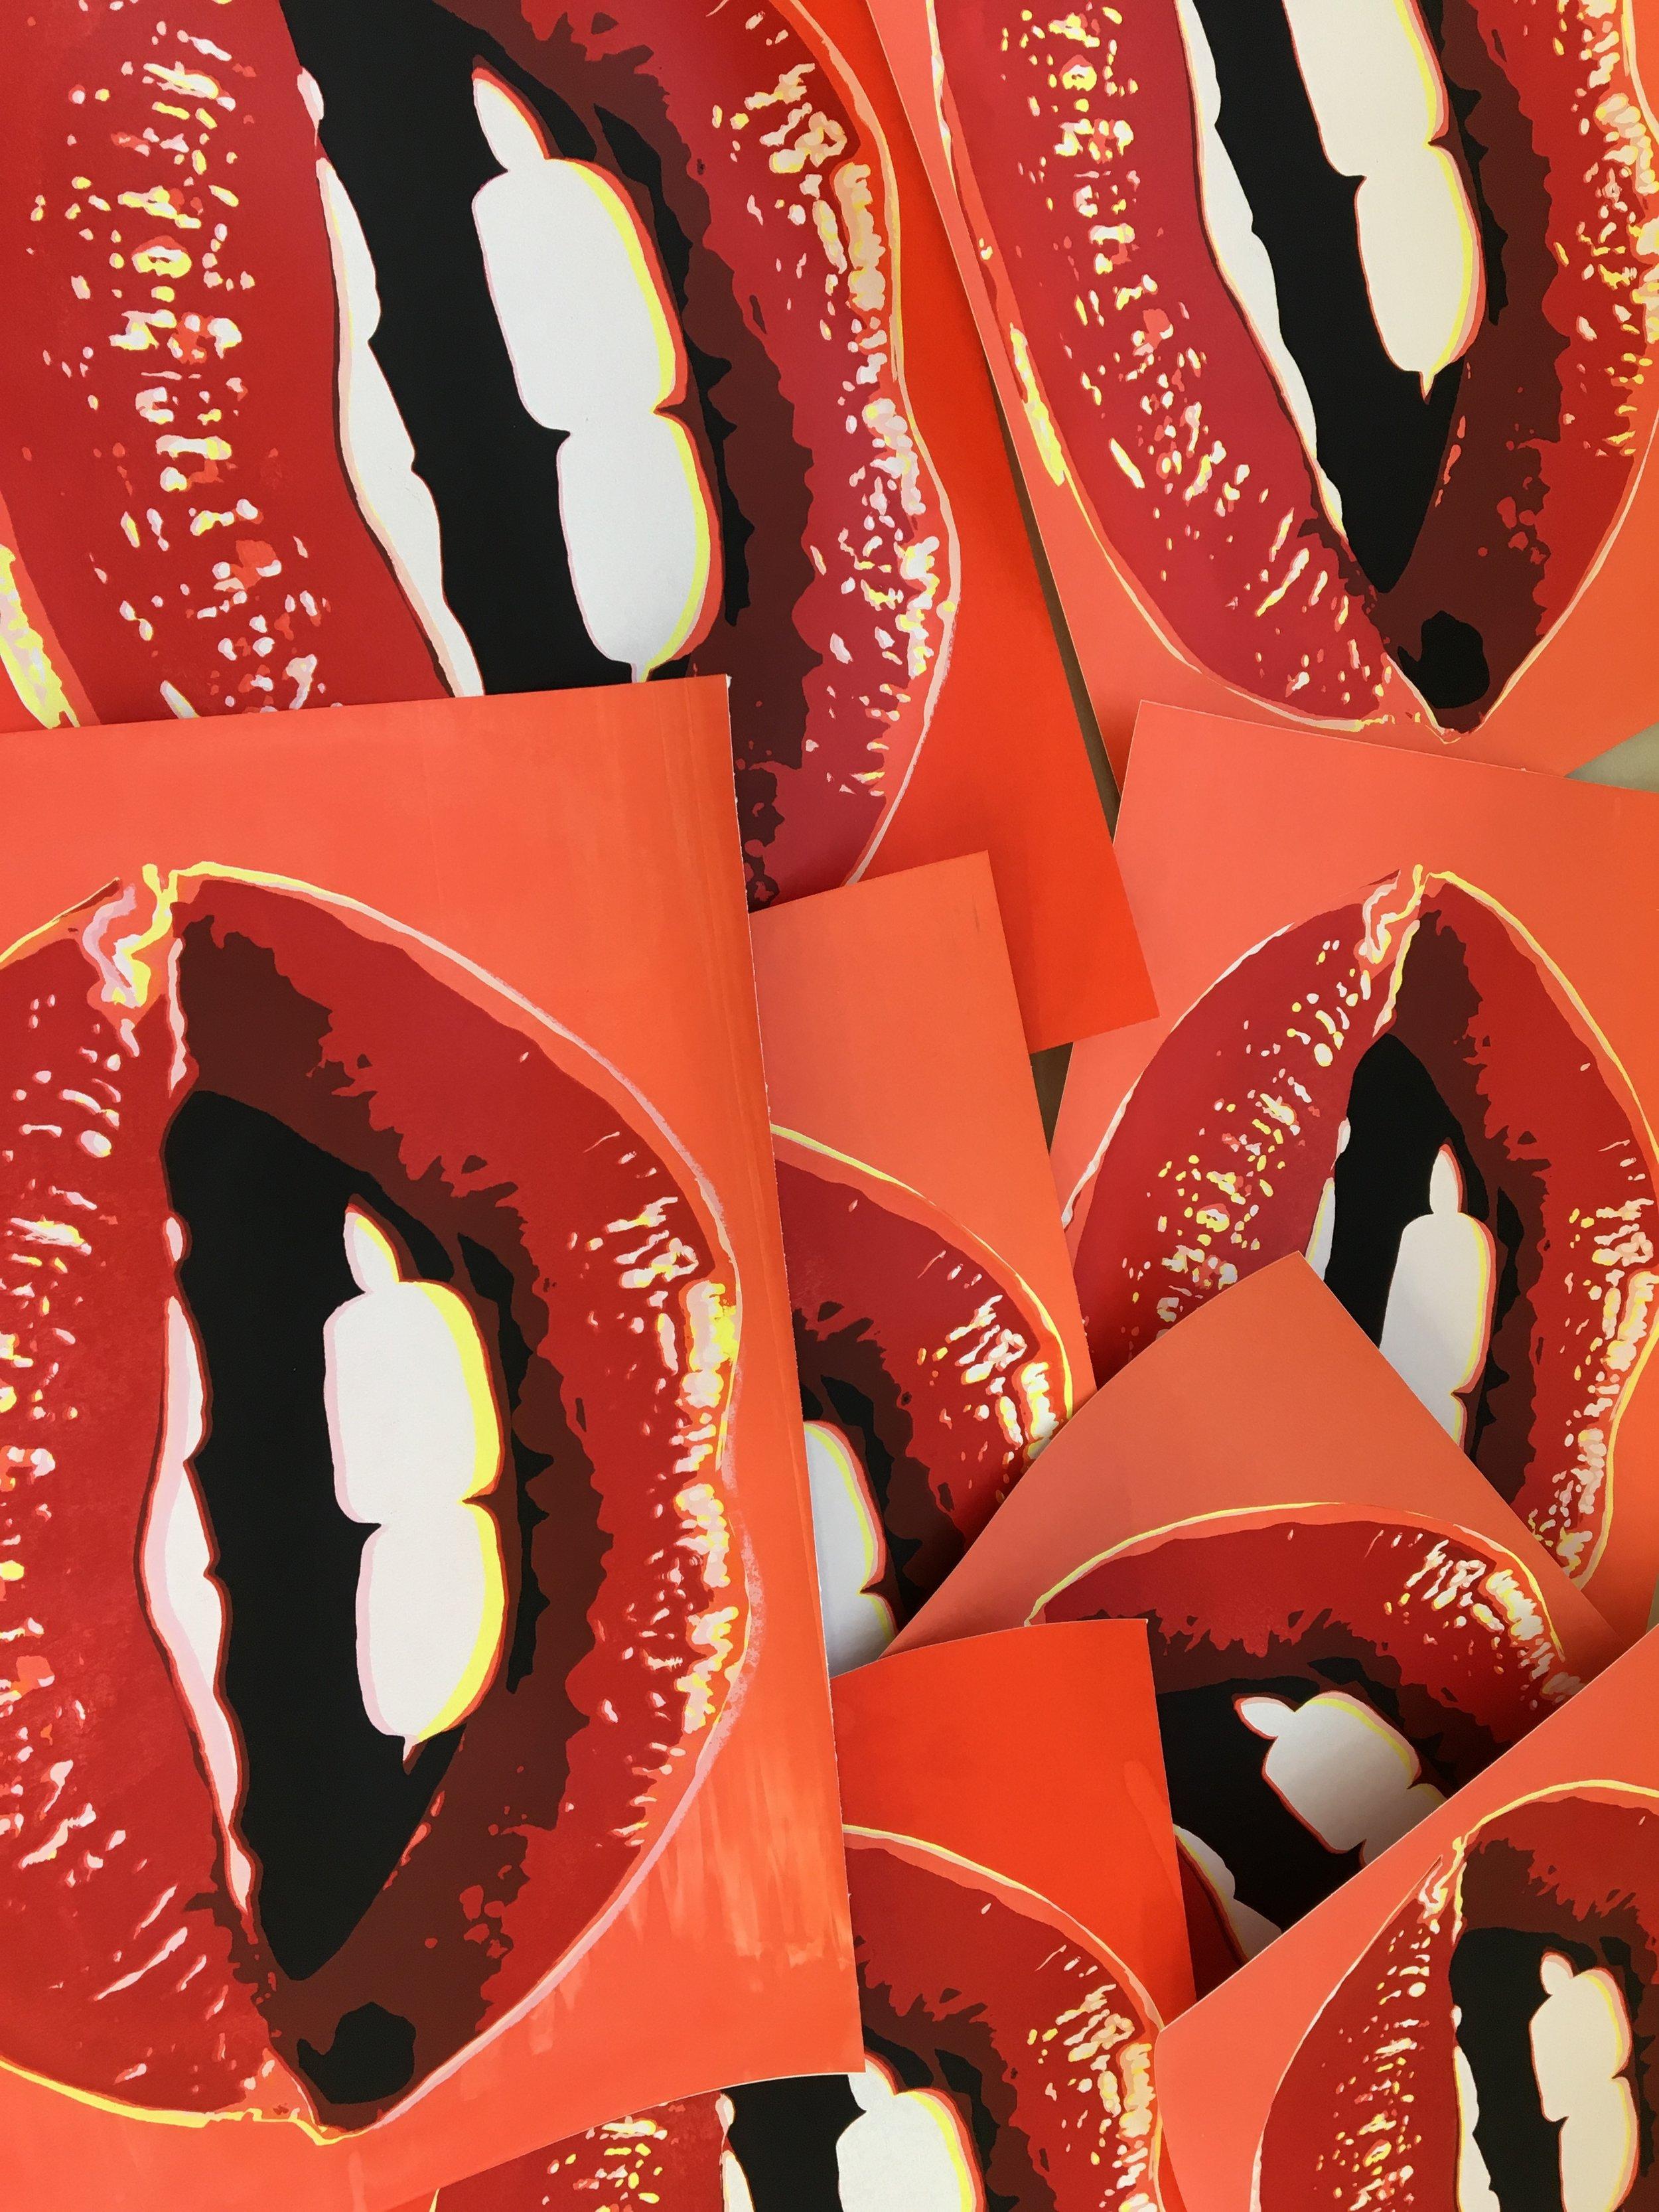 Lip Series, Silkscreen